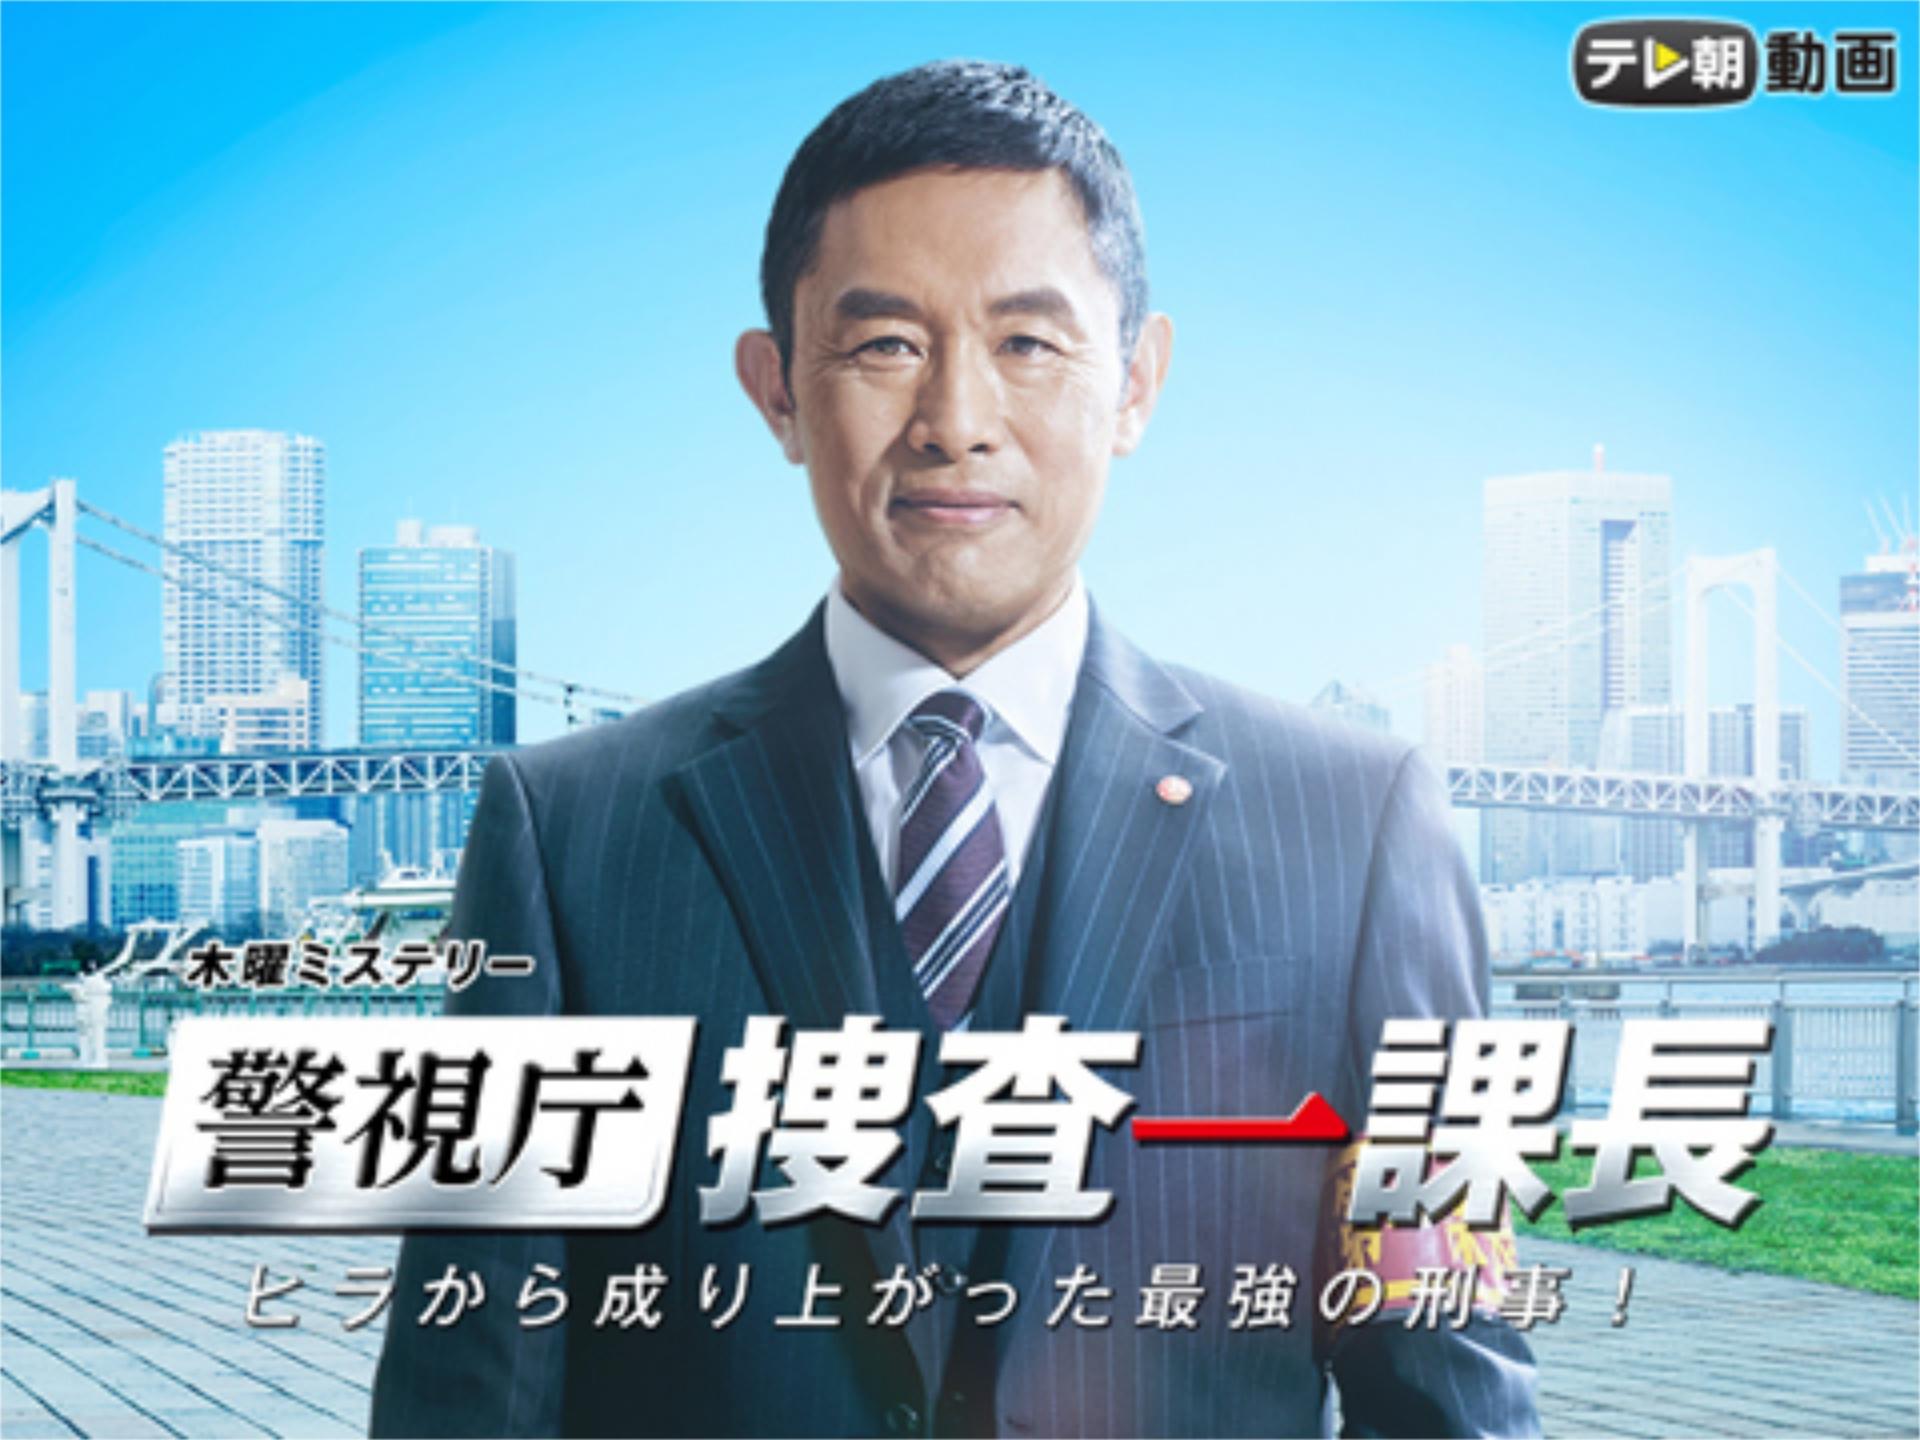 2020 課長 捜査 由貴 一 斉藤